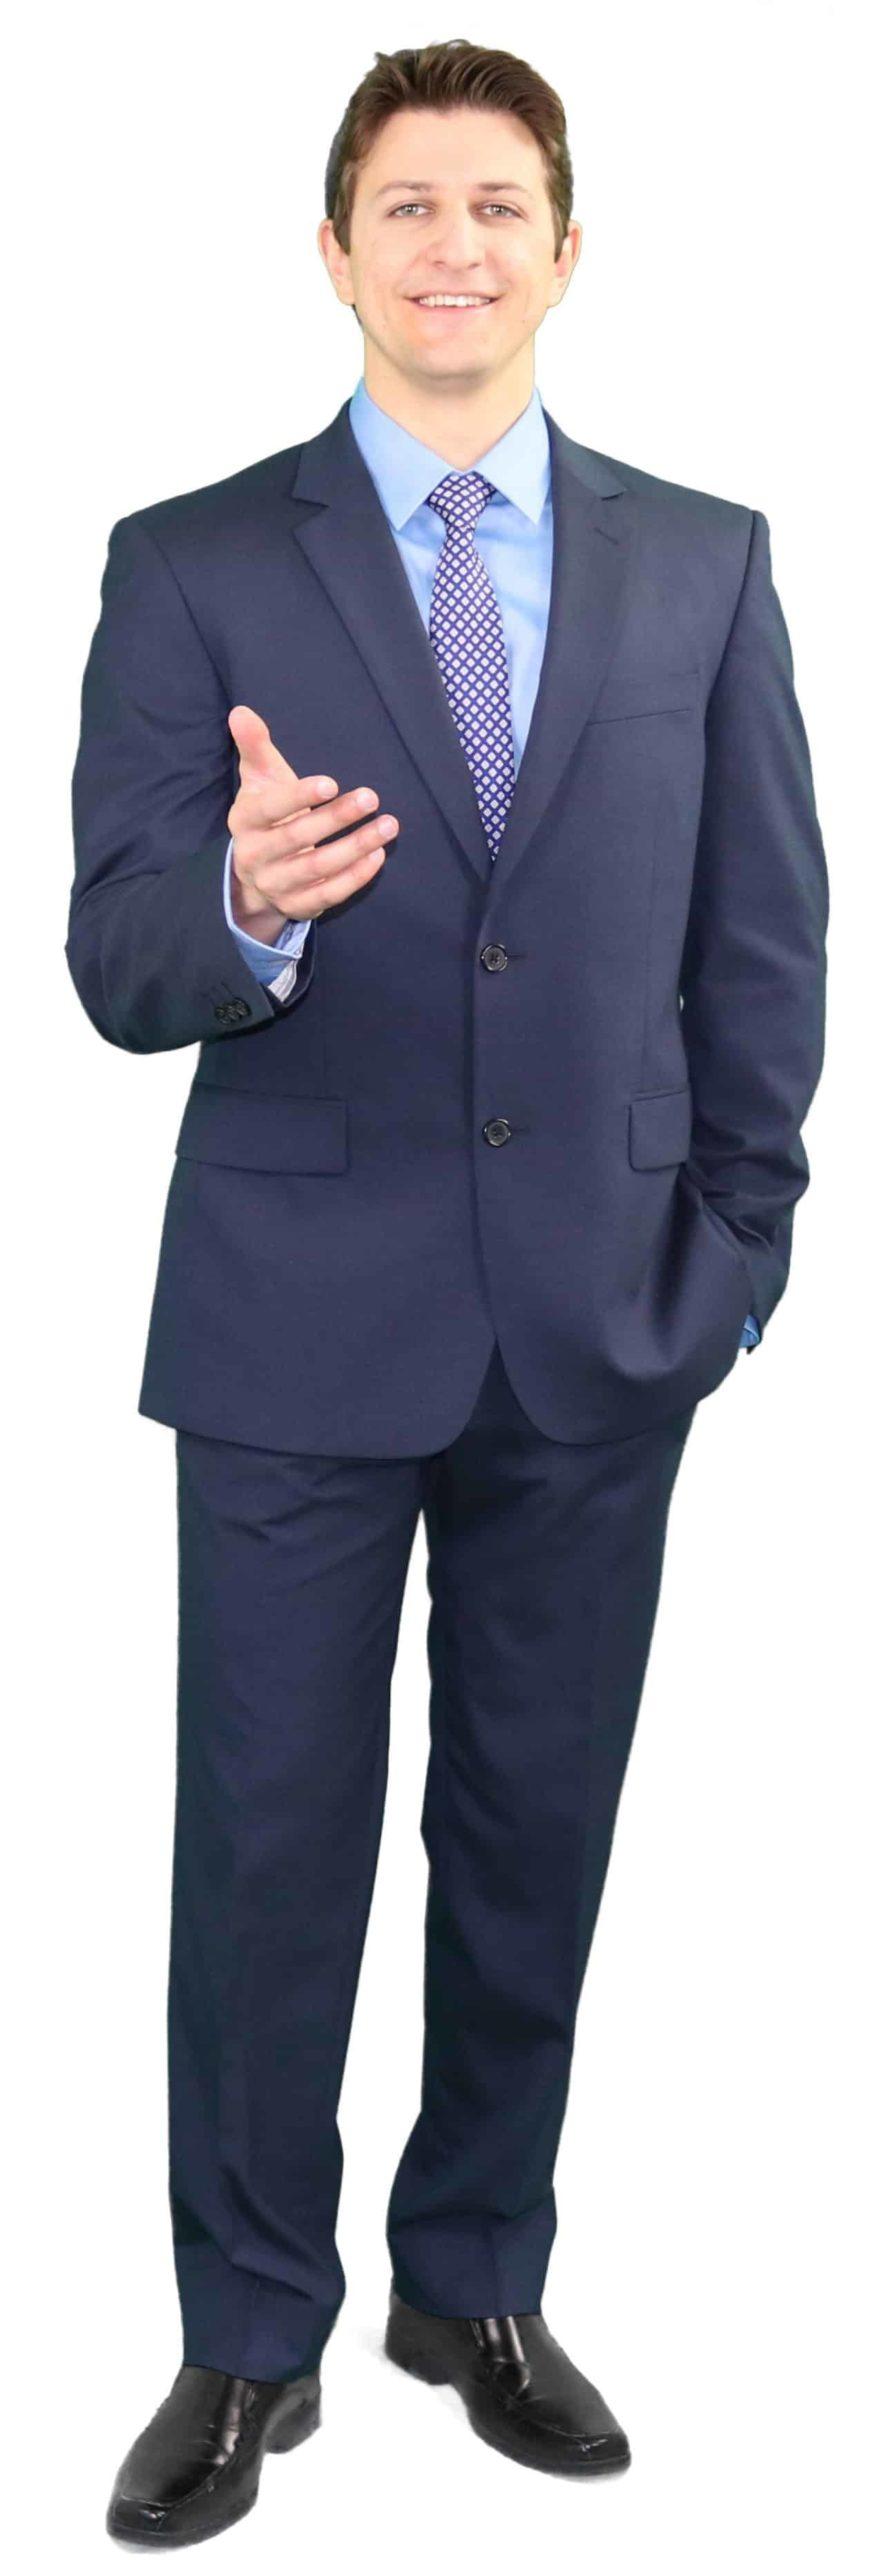 Pres Vasilev Bodyshot 3-High Res Color